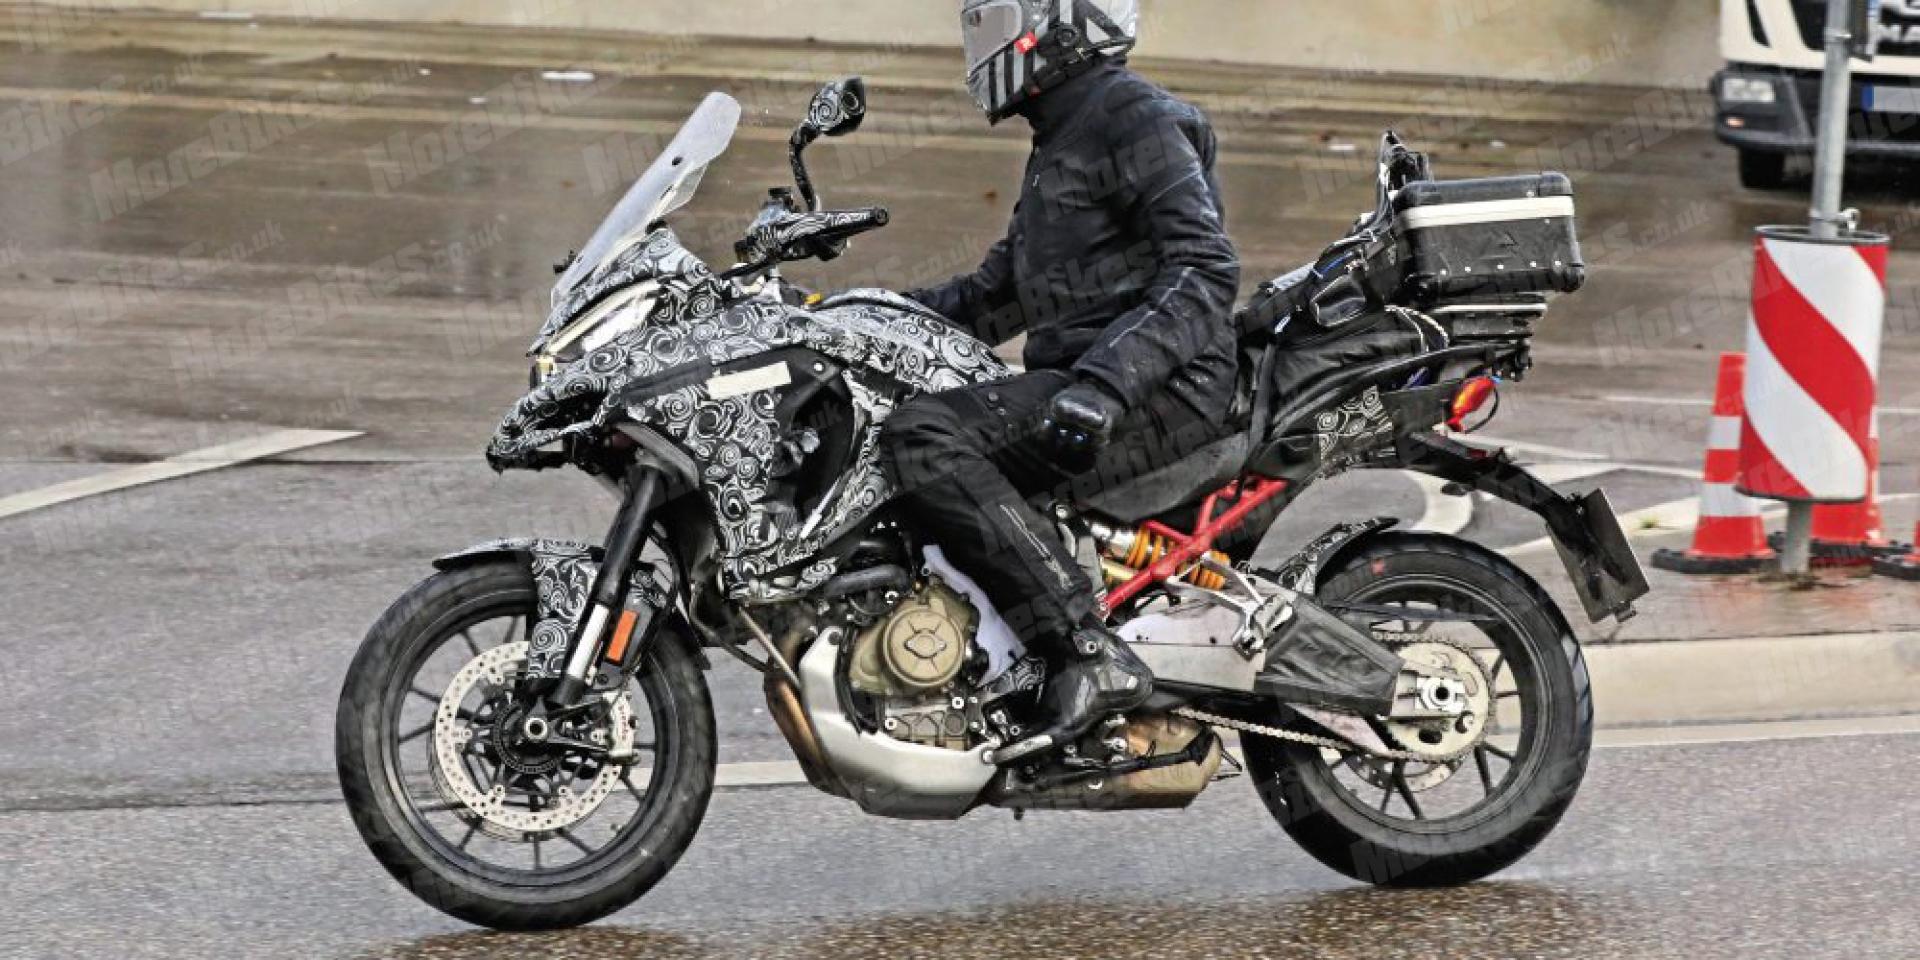 眾多細節曝光!Ducati V4 Multistrada 實車間諜照流出